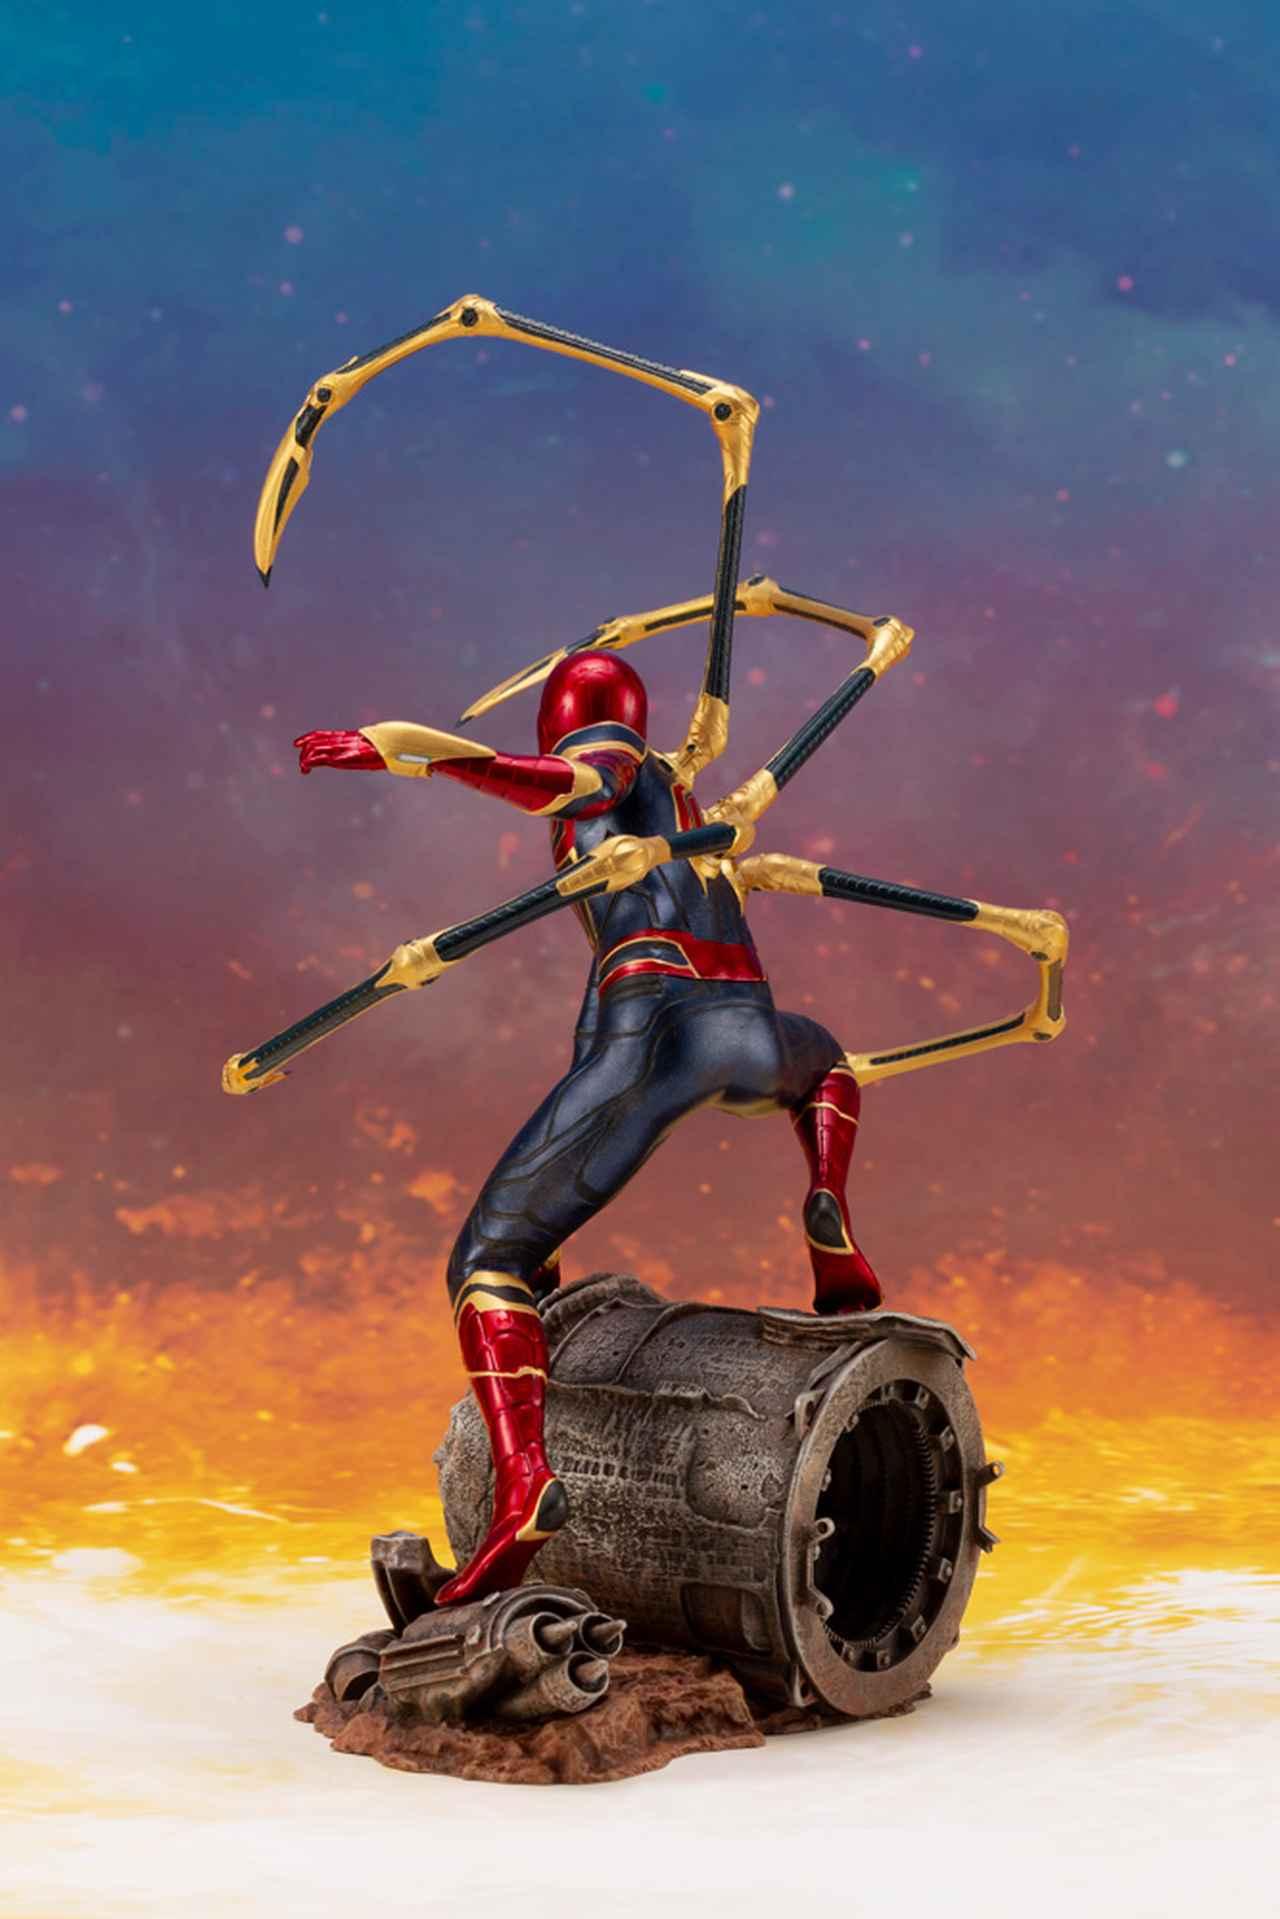 画像3: 「アベンジャーズ/インフィニティ・ウォー」のアイアン・スパイダーがコトブキヤのARTFXとして登場!